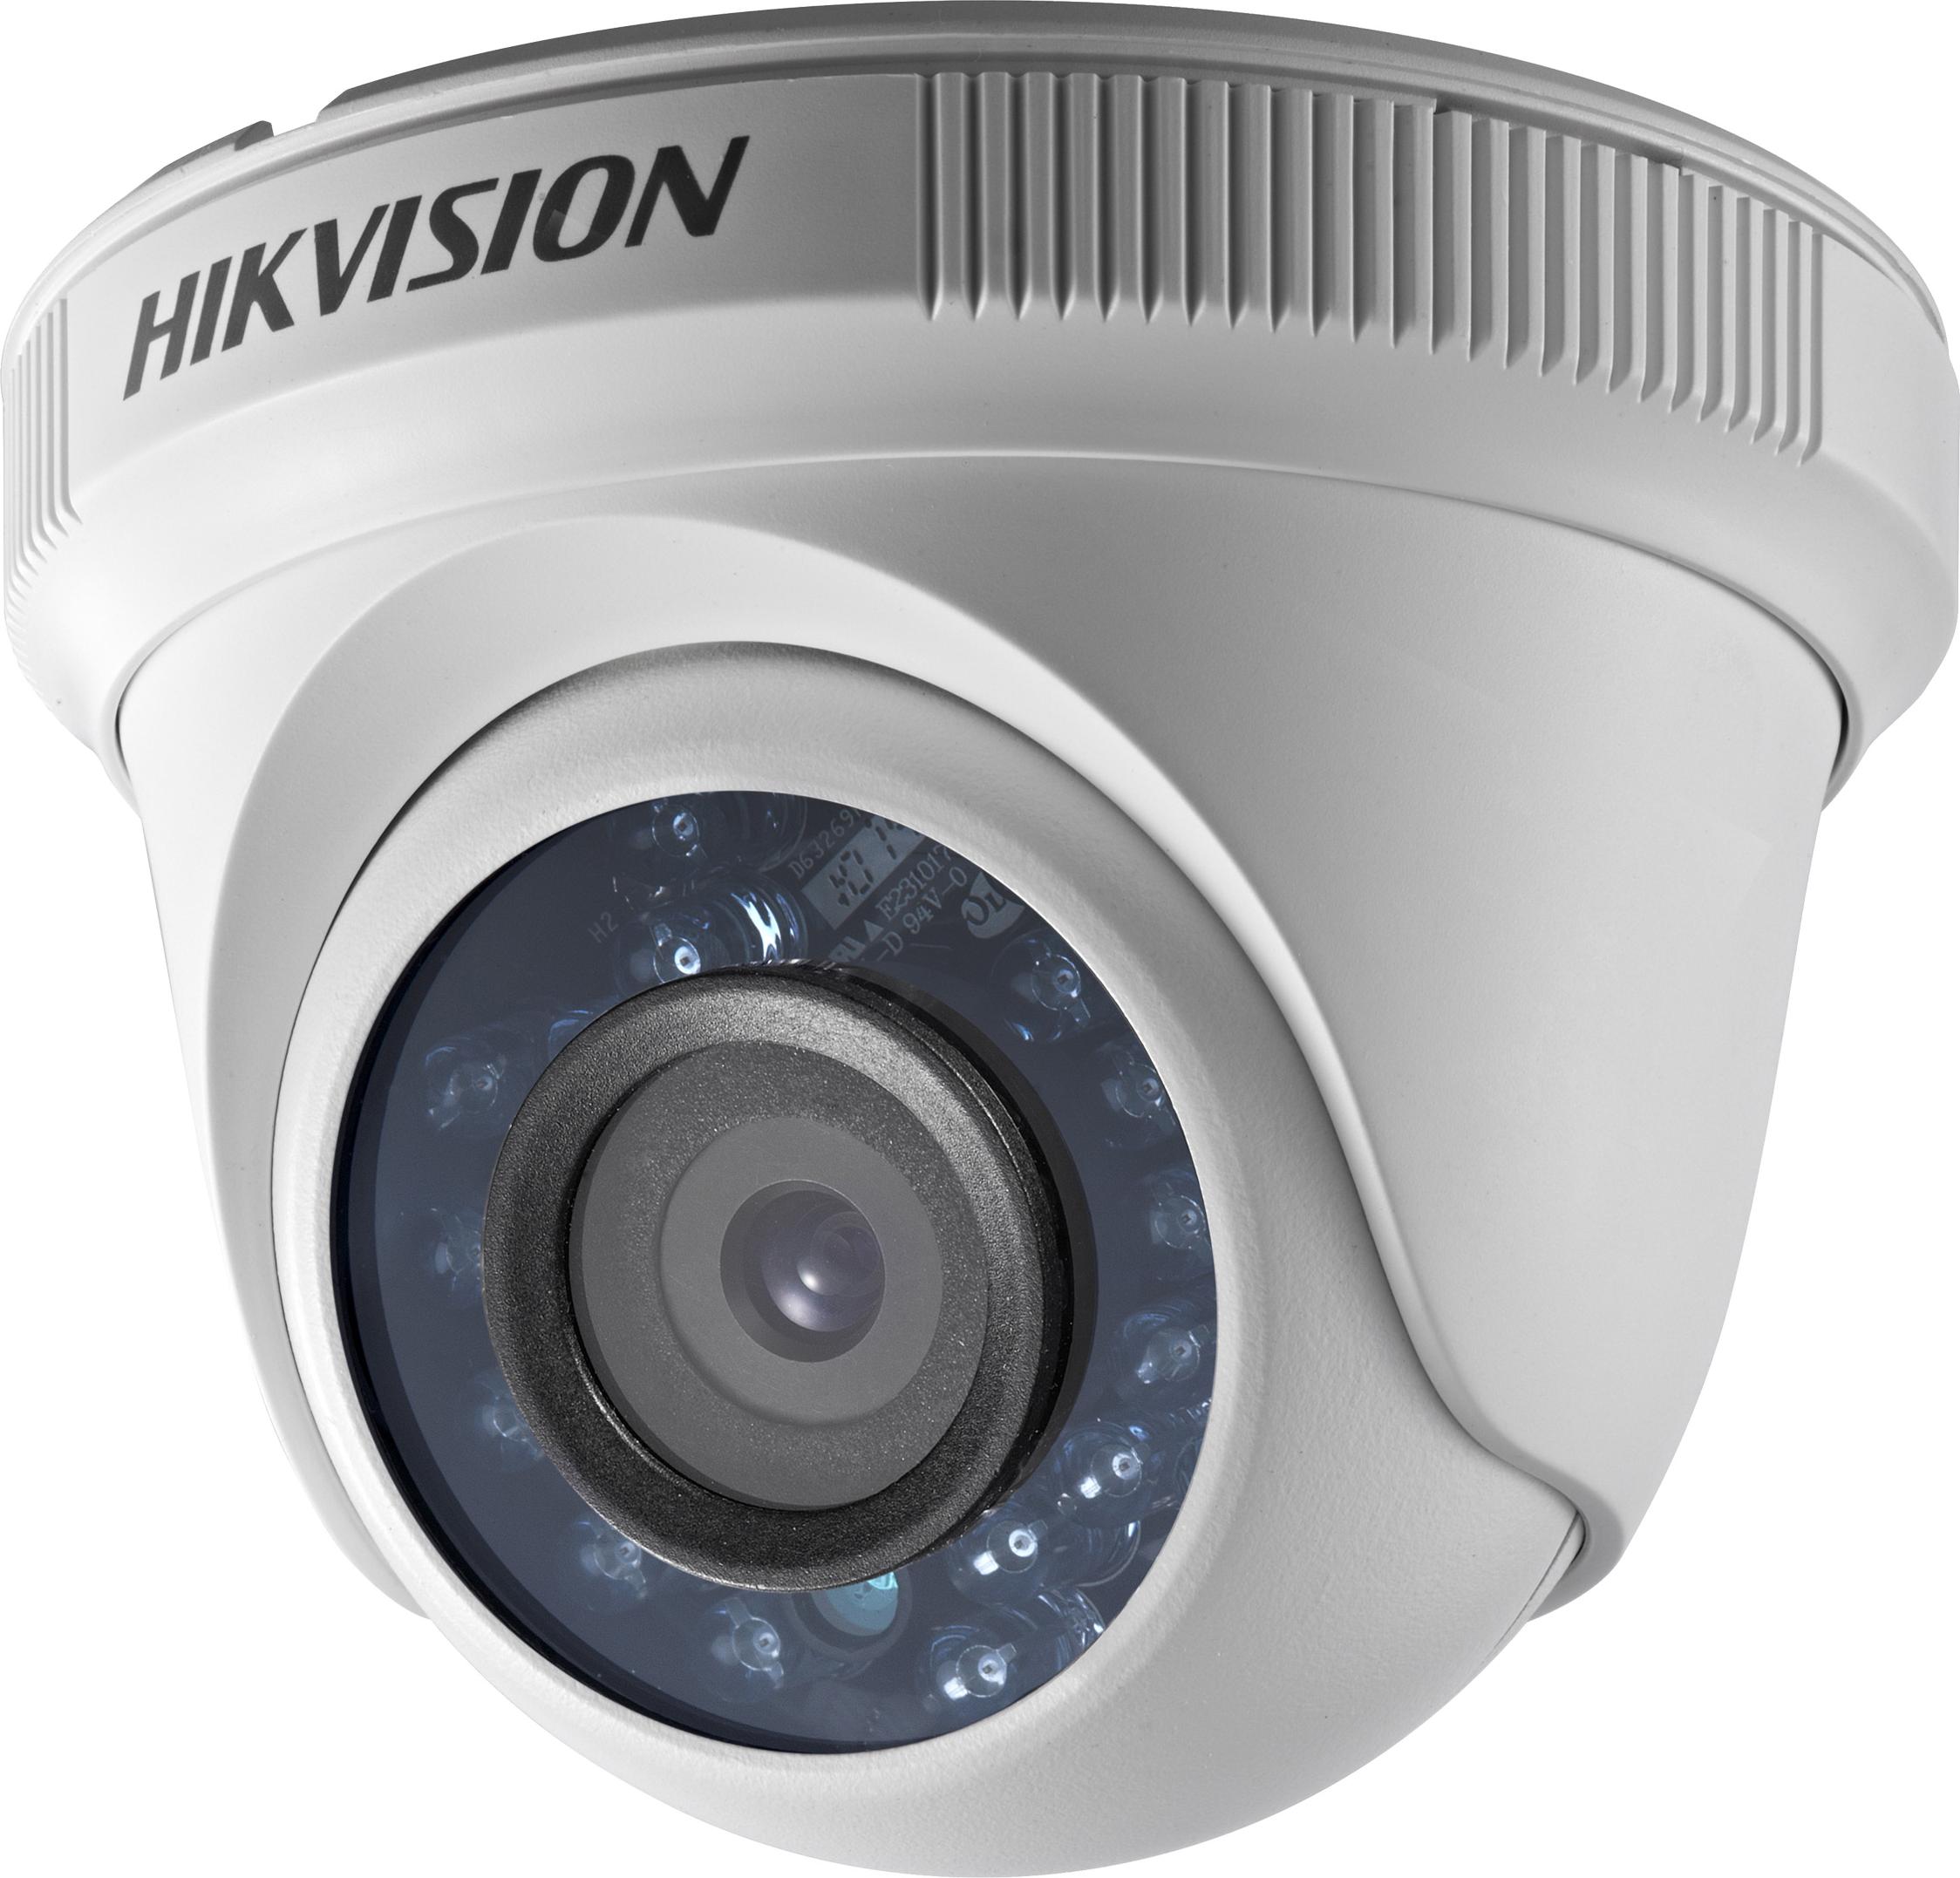 Hikvision DS-2CE56C0T-IRF 2.8mm